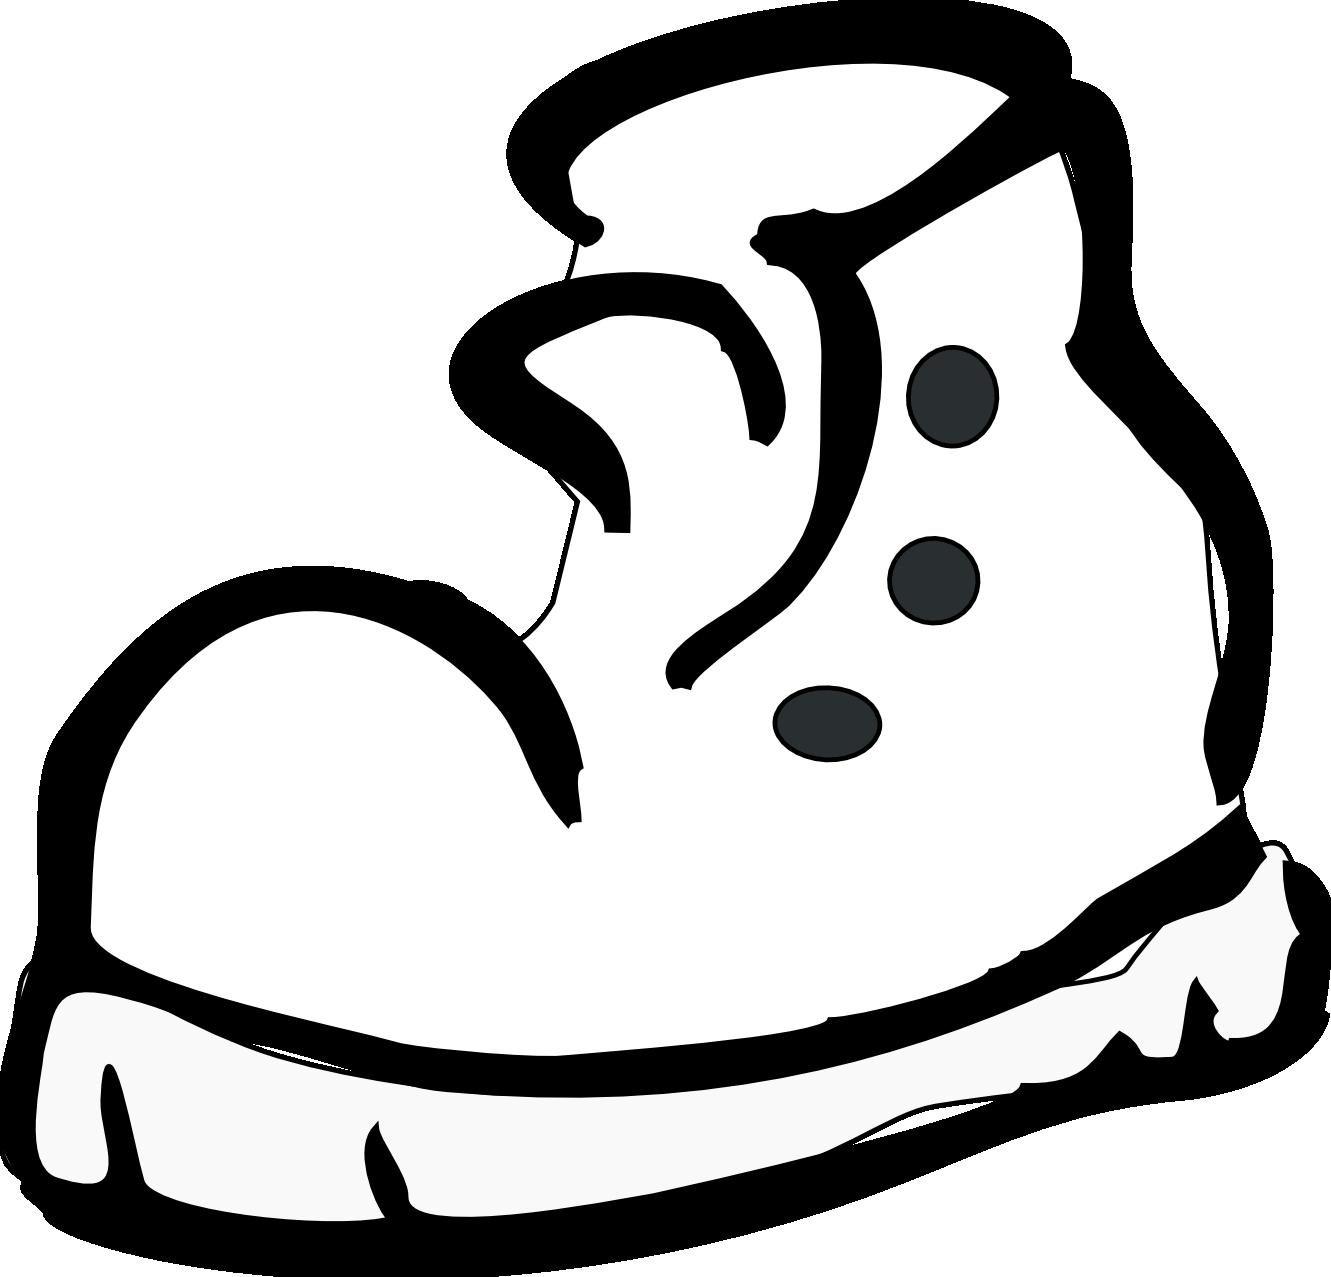 Shoes clipart images clipart